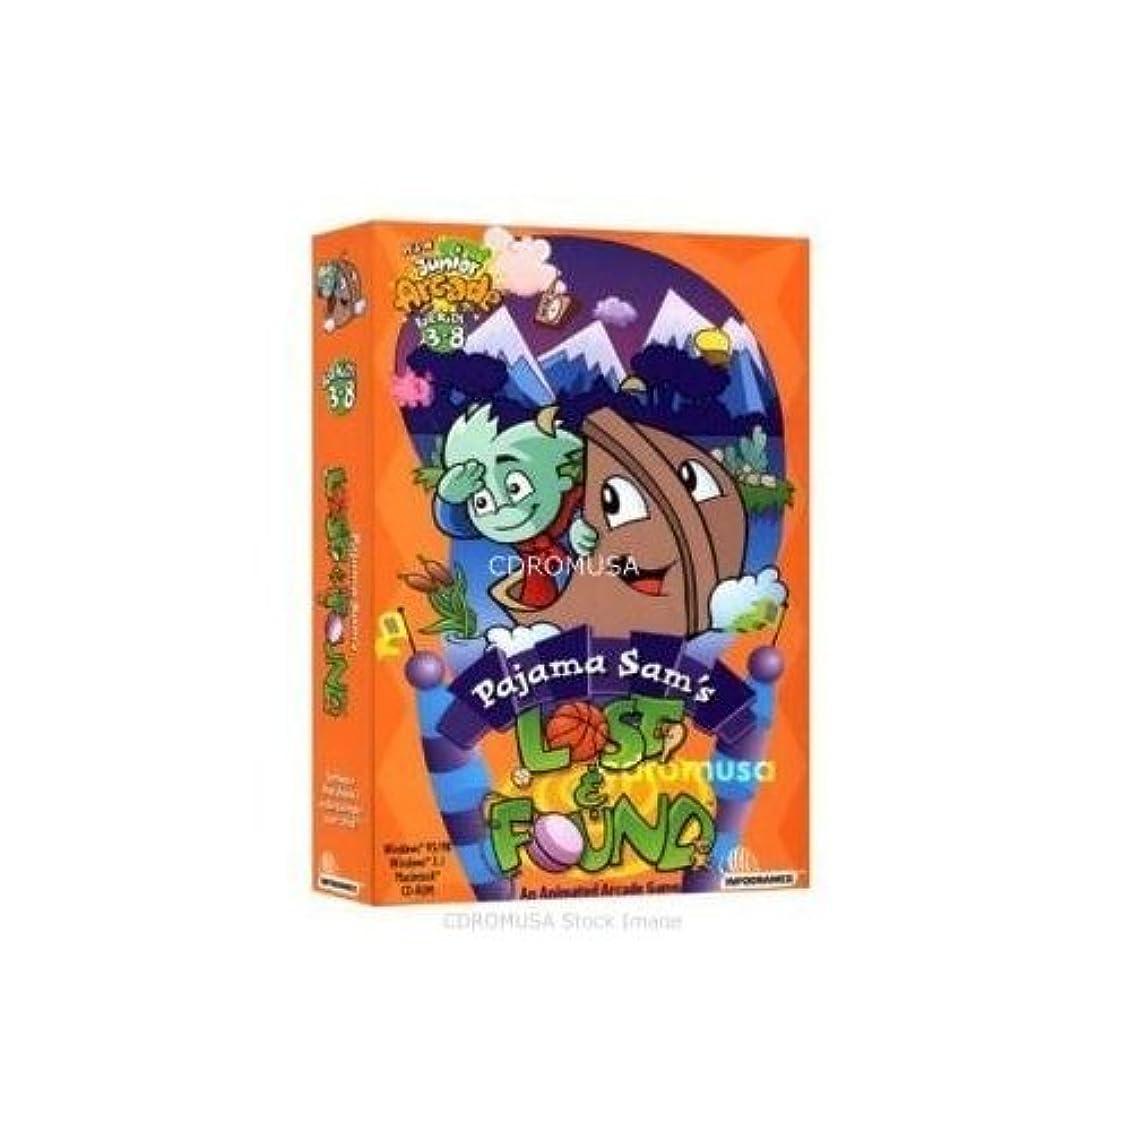 クマノミまたはフォアタイプPajama Sam's Lost & Found: An Animated Arcade Game (It's a Junior Arcade for Kids Ages 3-8) (輸入版)